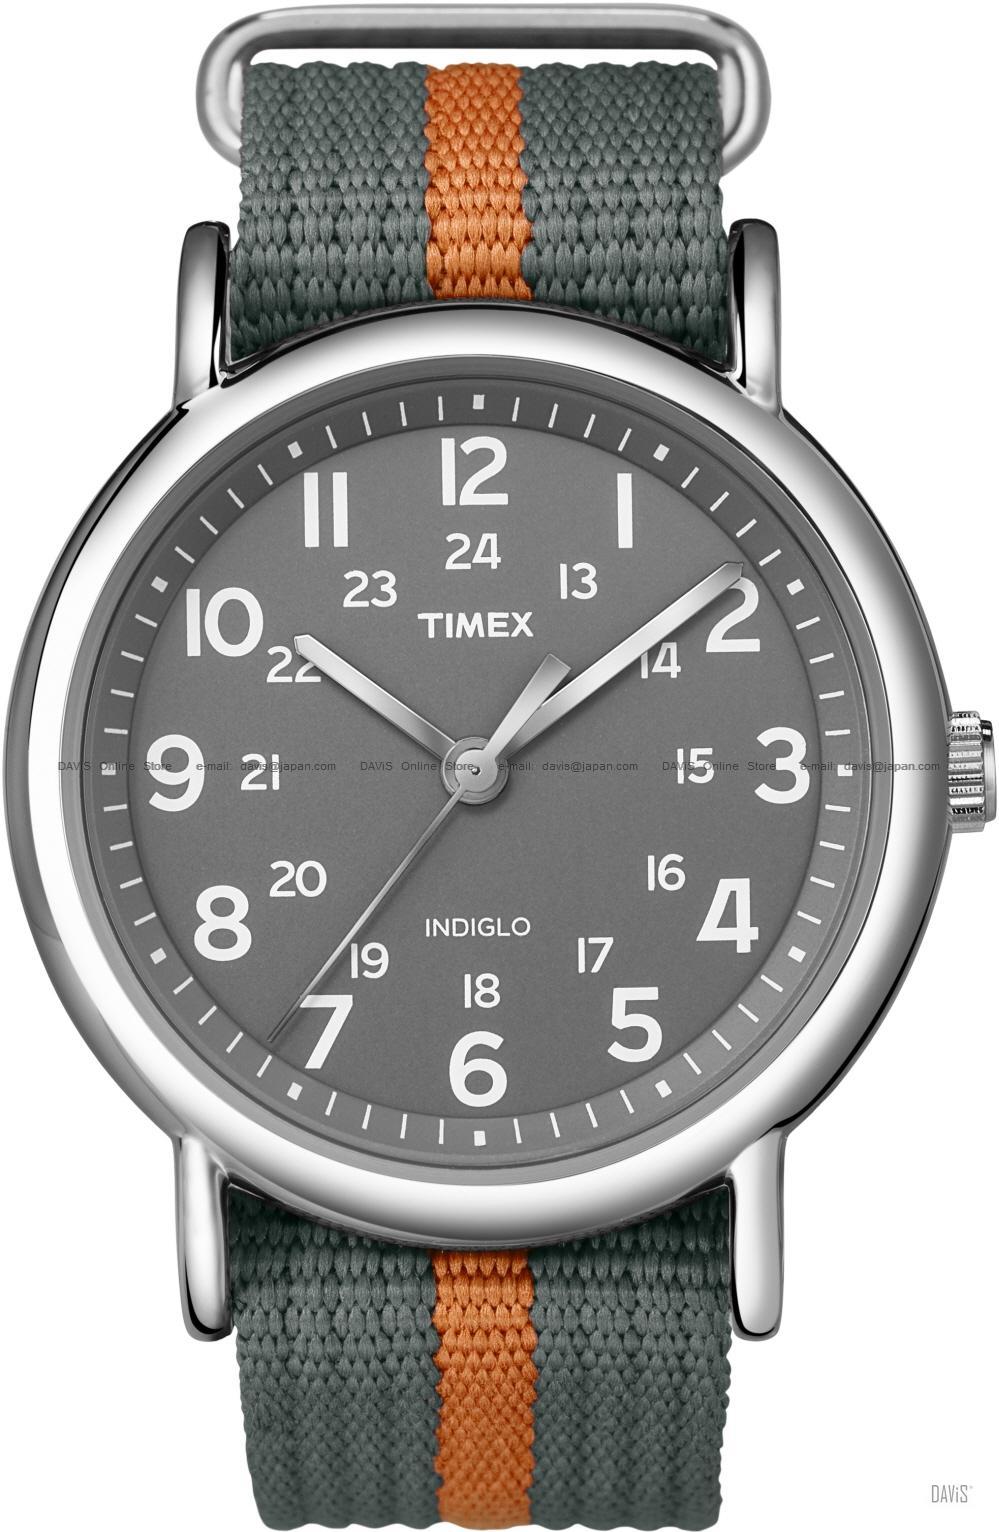 Мужские часы TIMEX - onlinetraderu